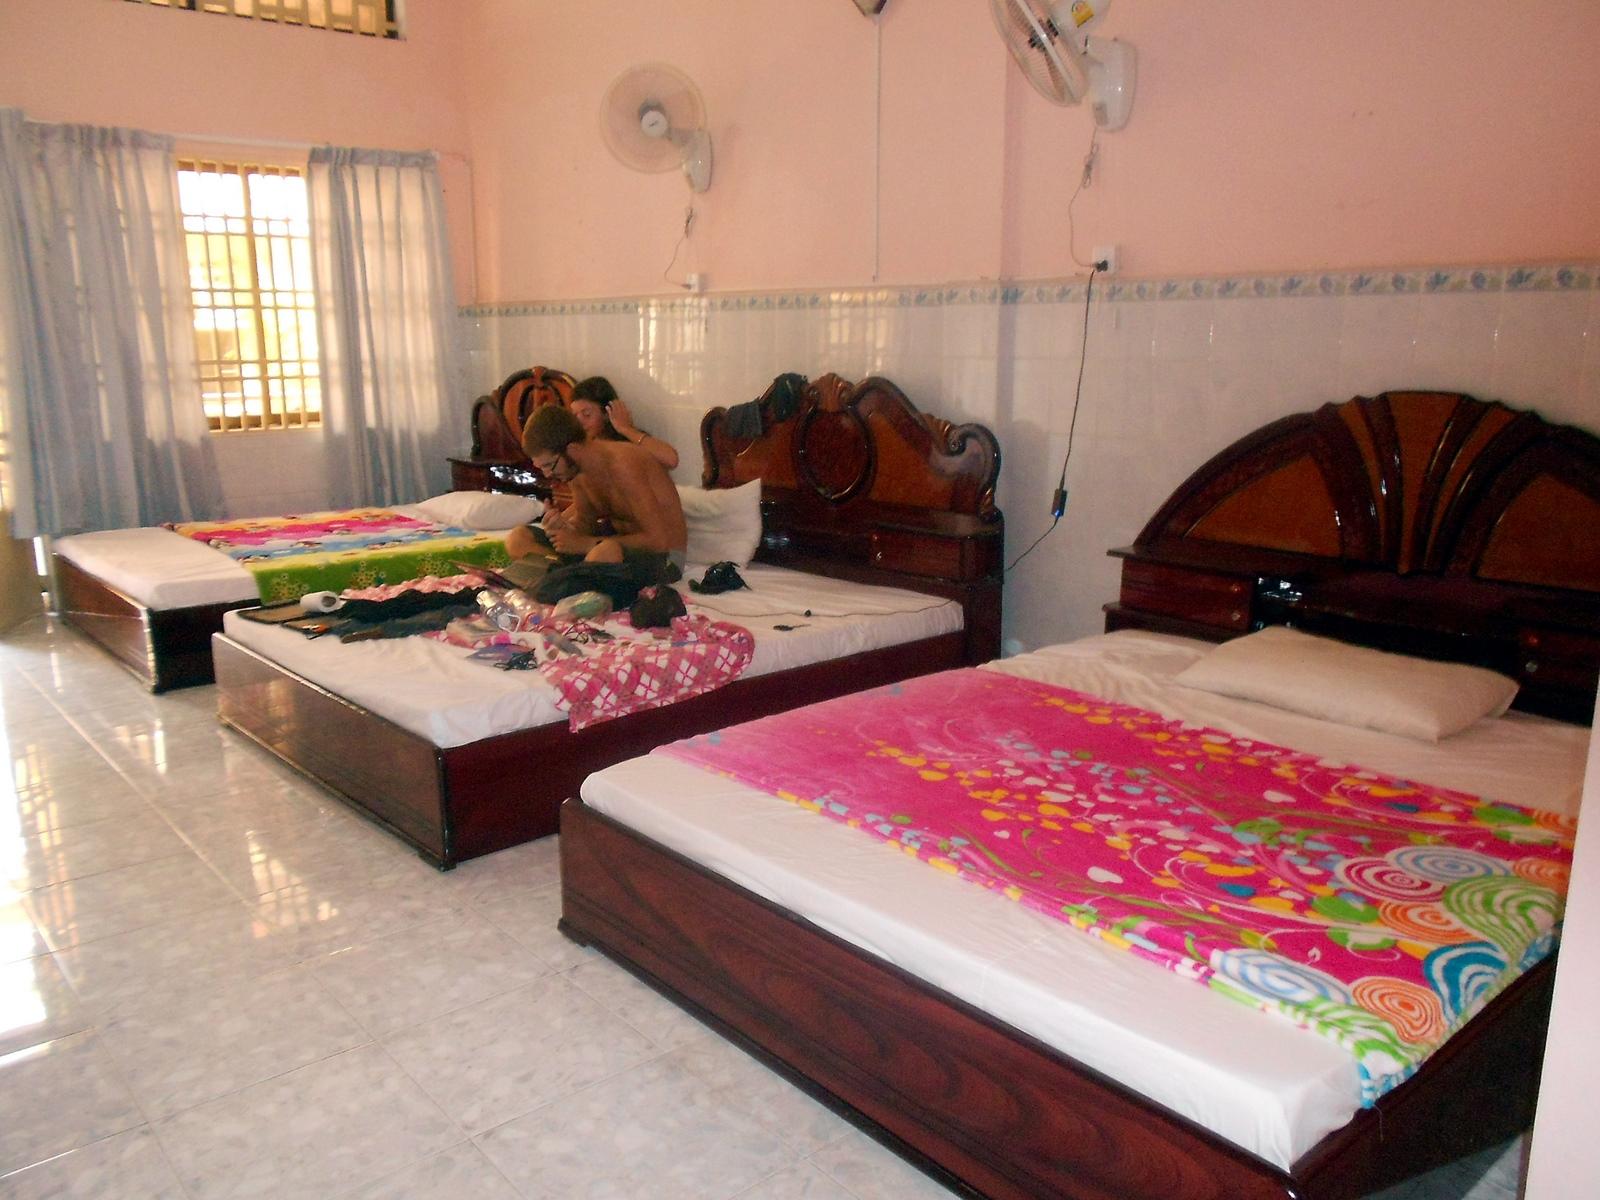 pnomh-penh(2)